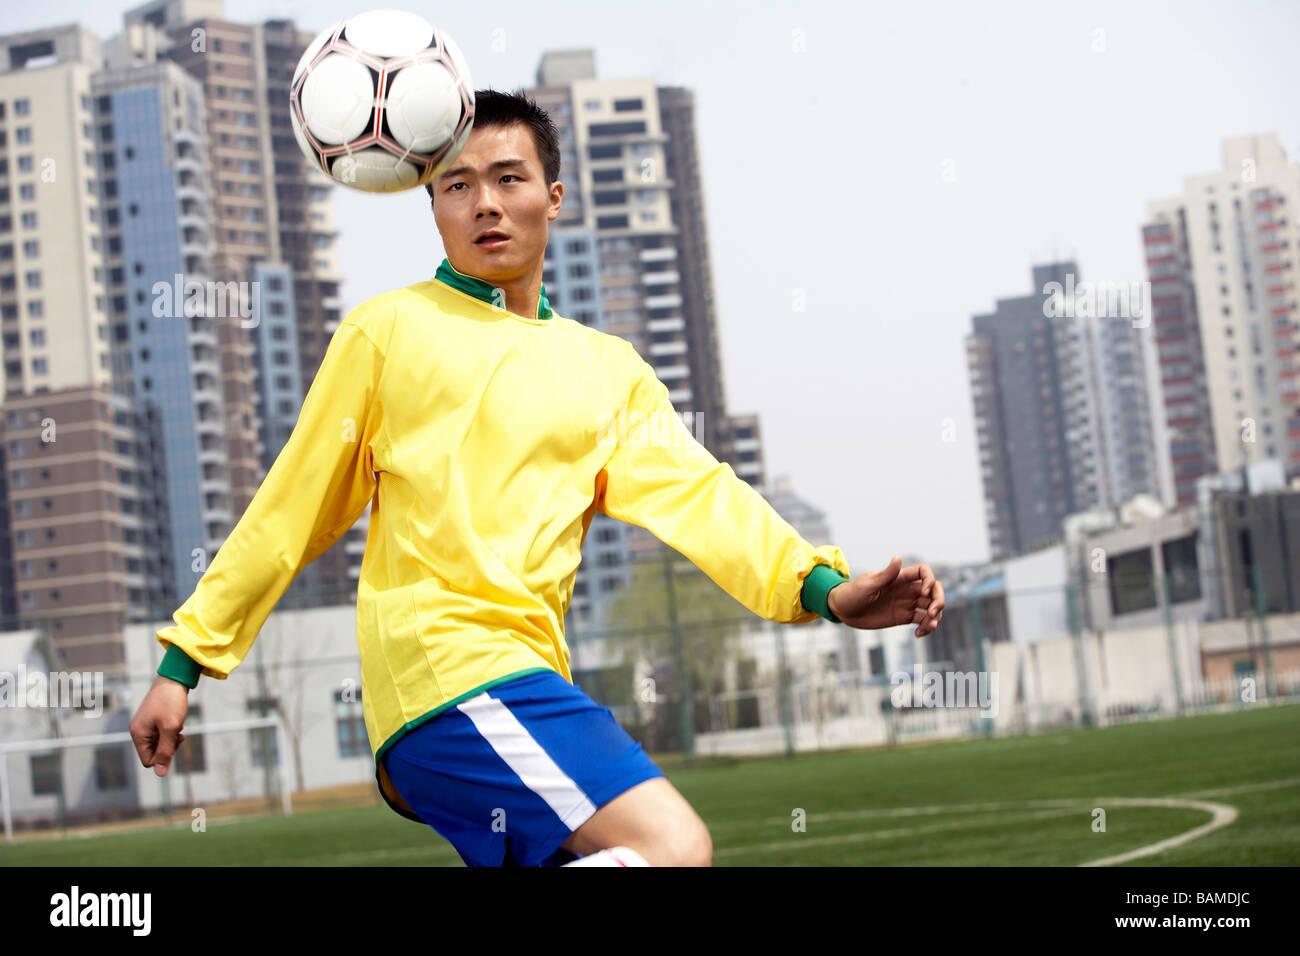 Uomo che giocano a calcio Immagini Stock